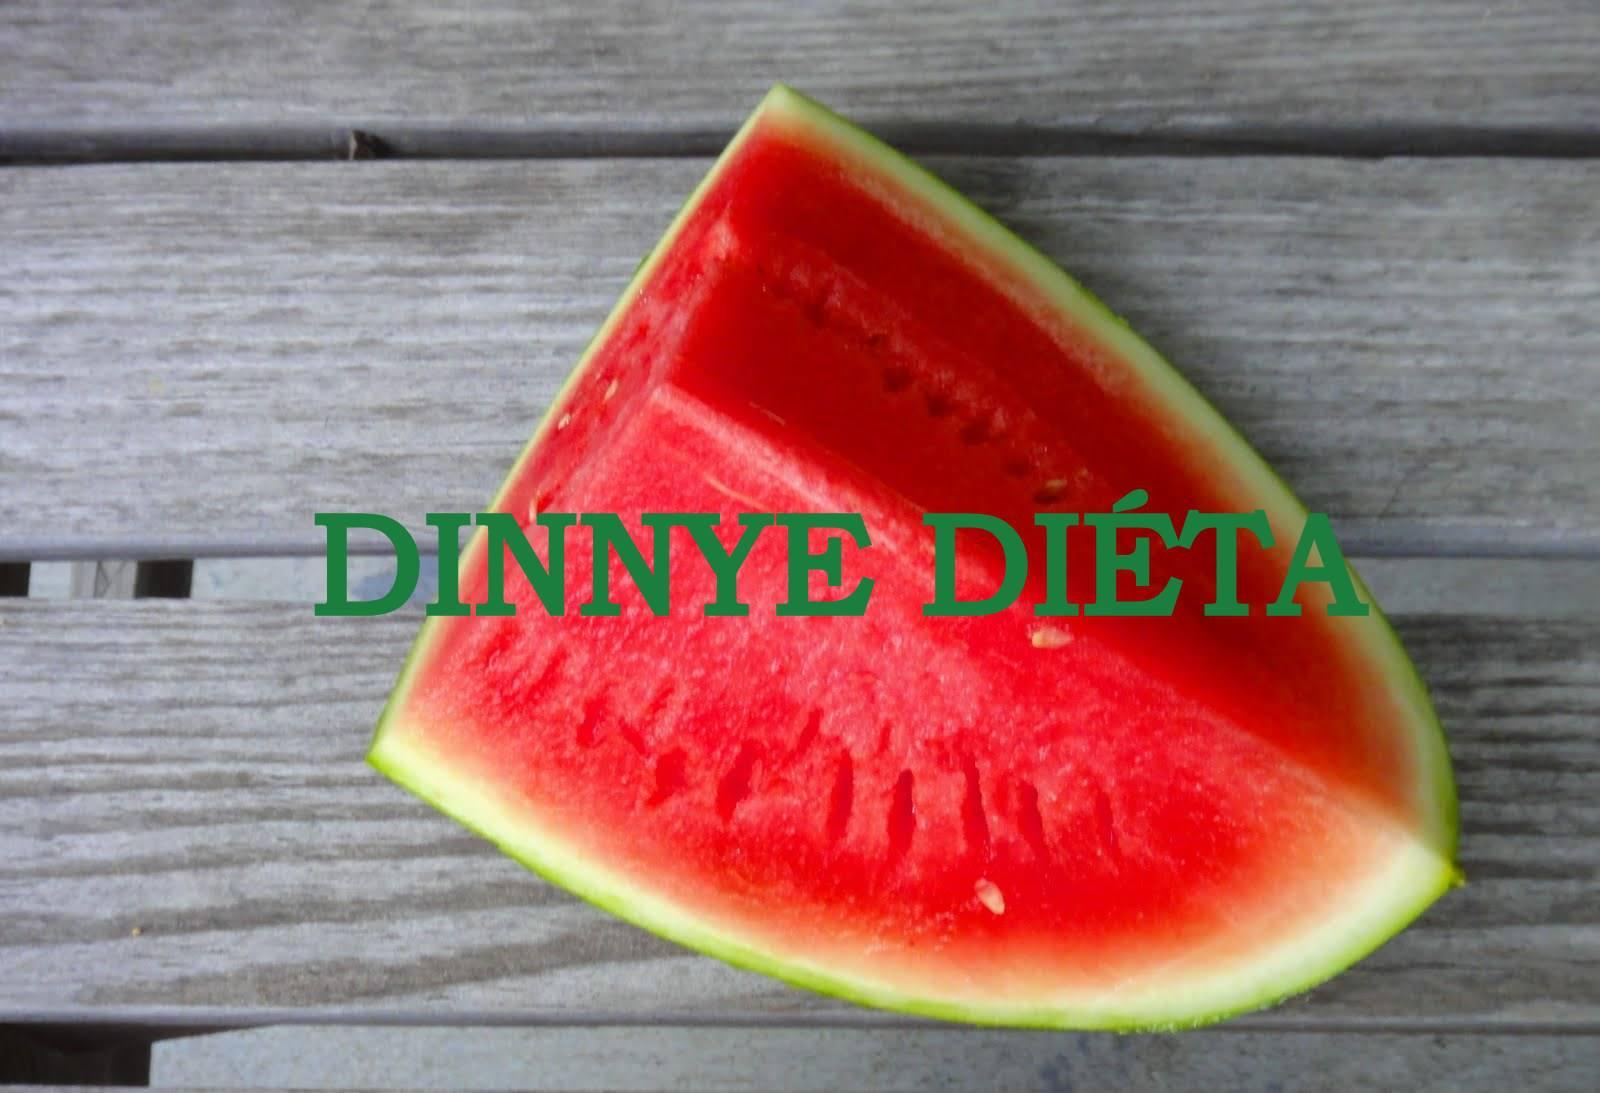 dinnye_dieta.jpg